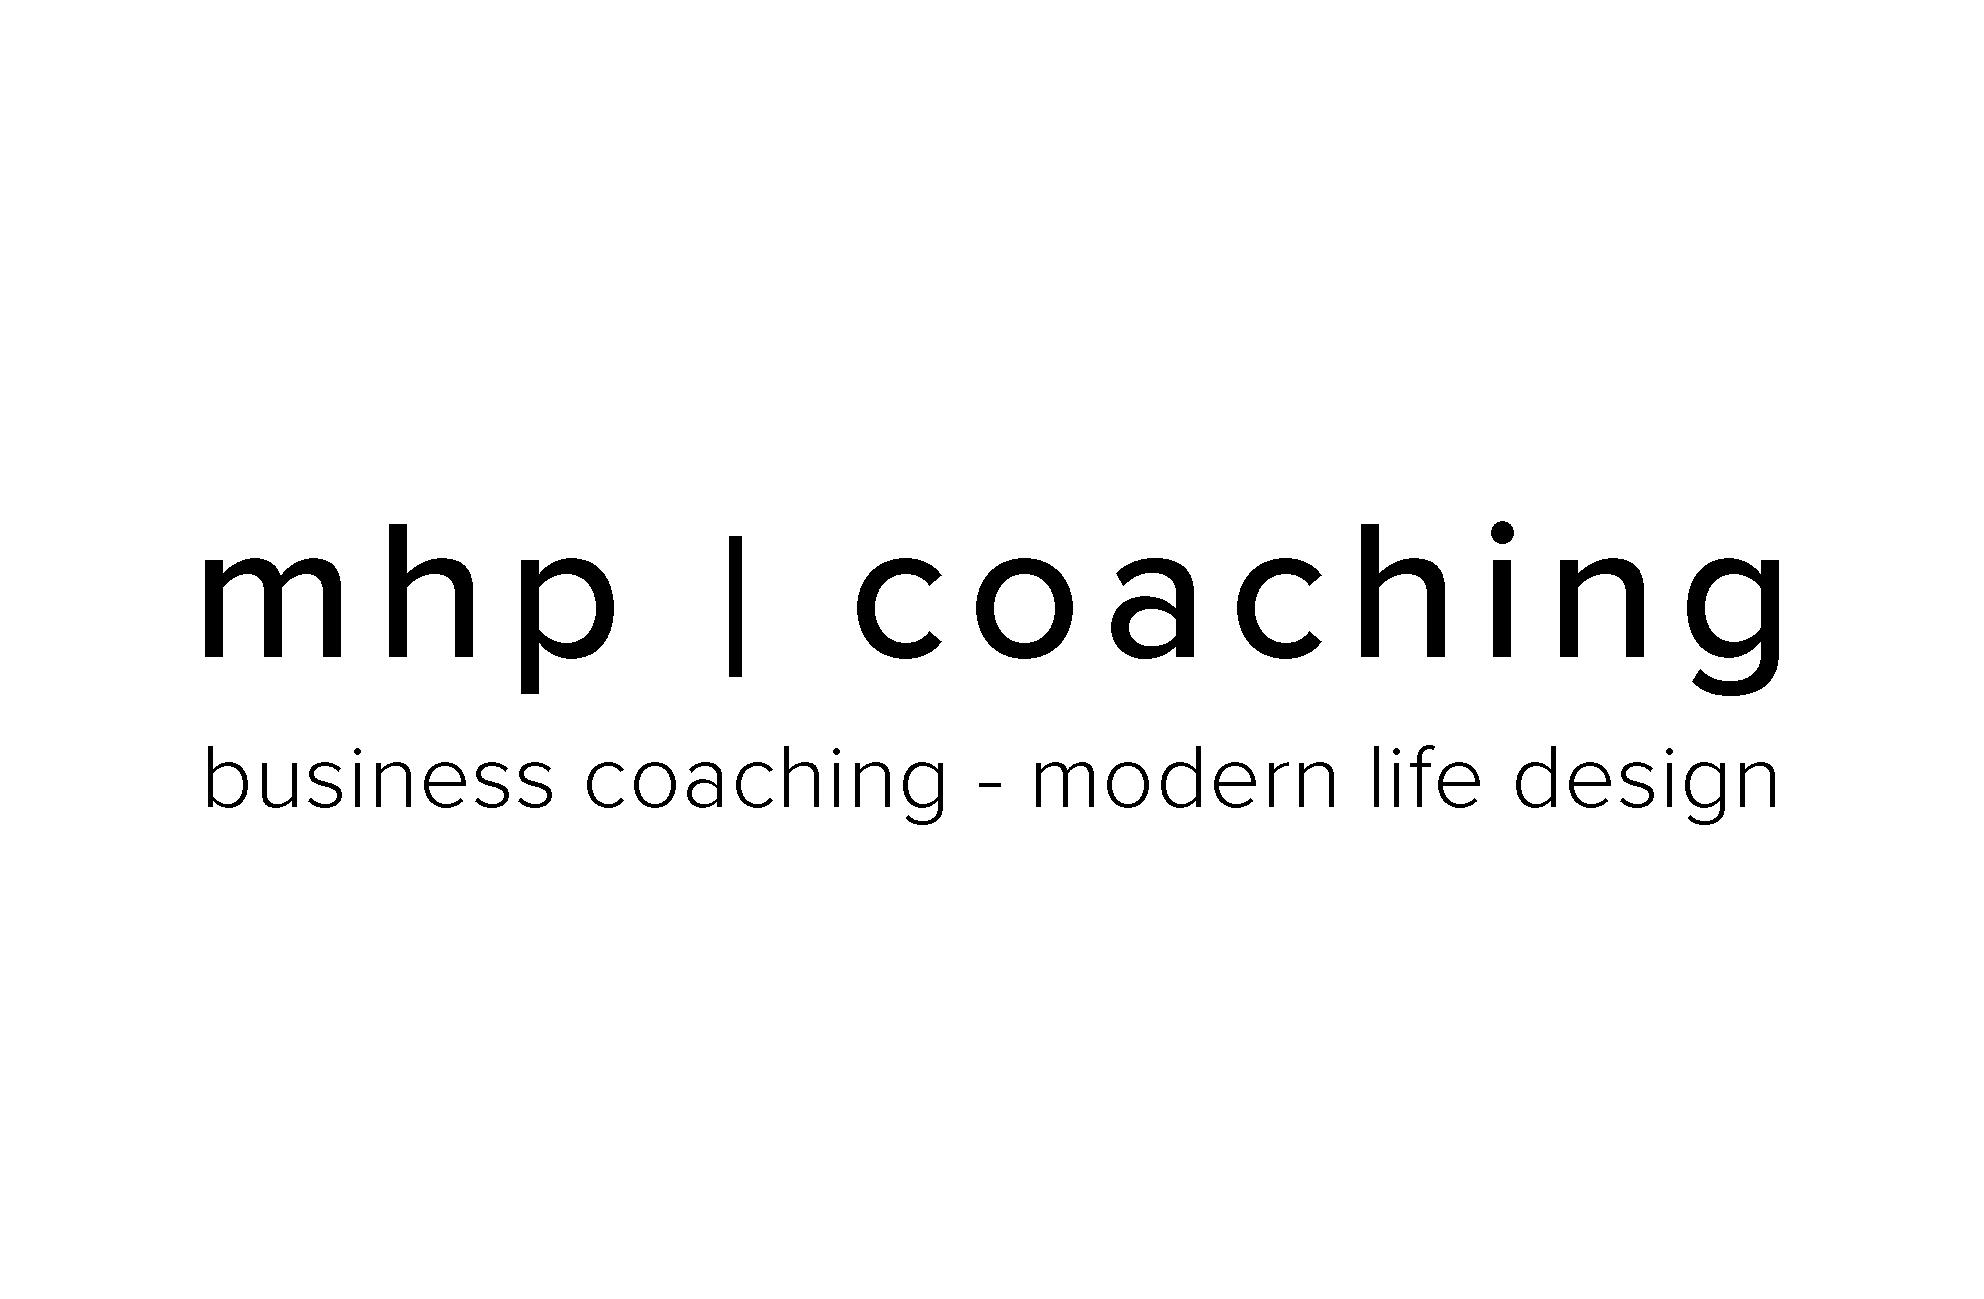 mhp-coaching-2.png